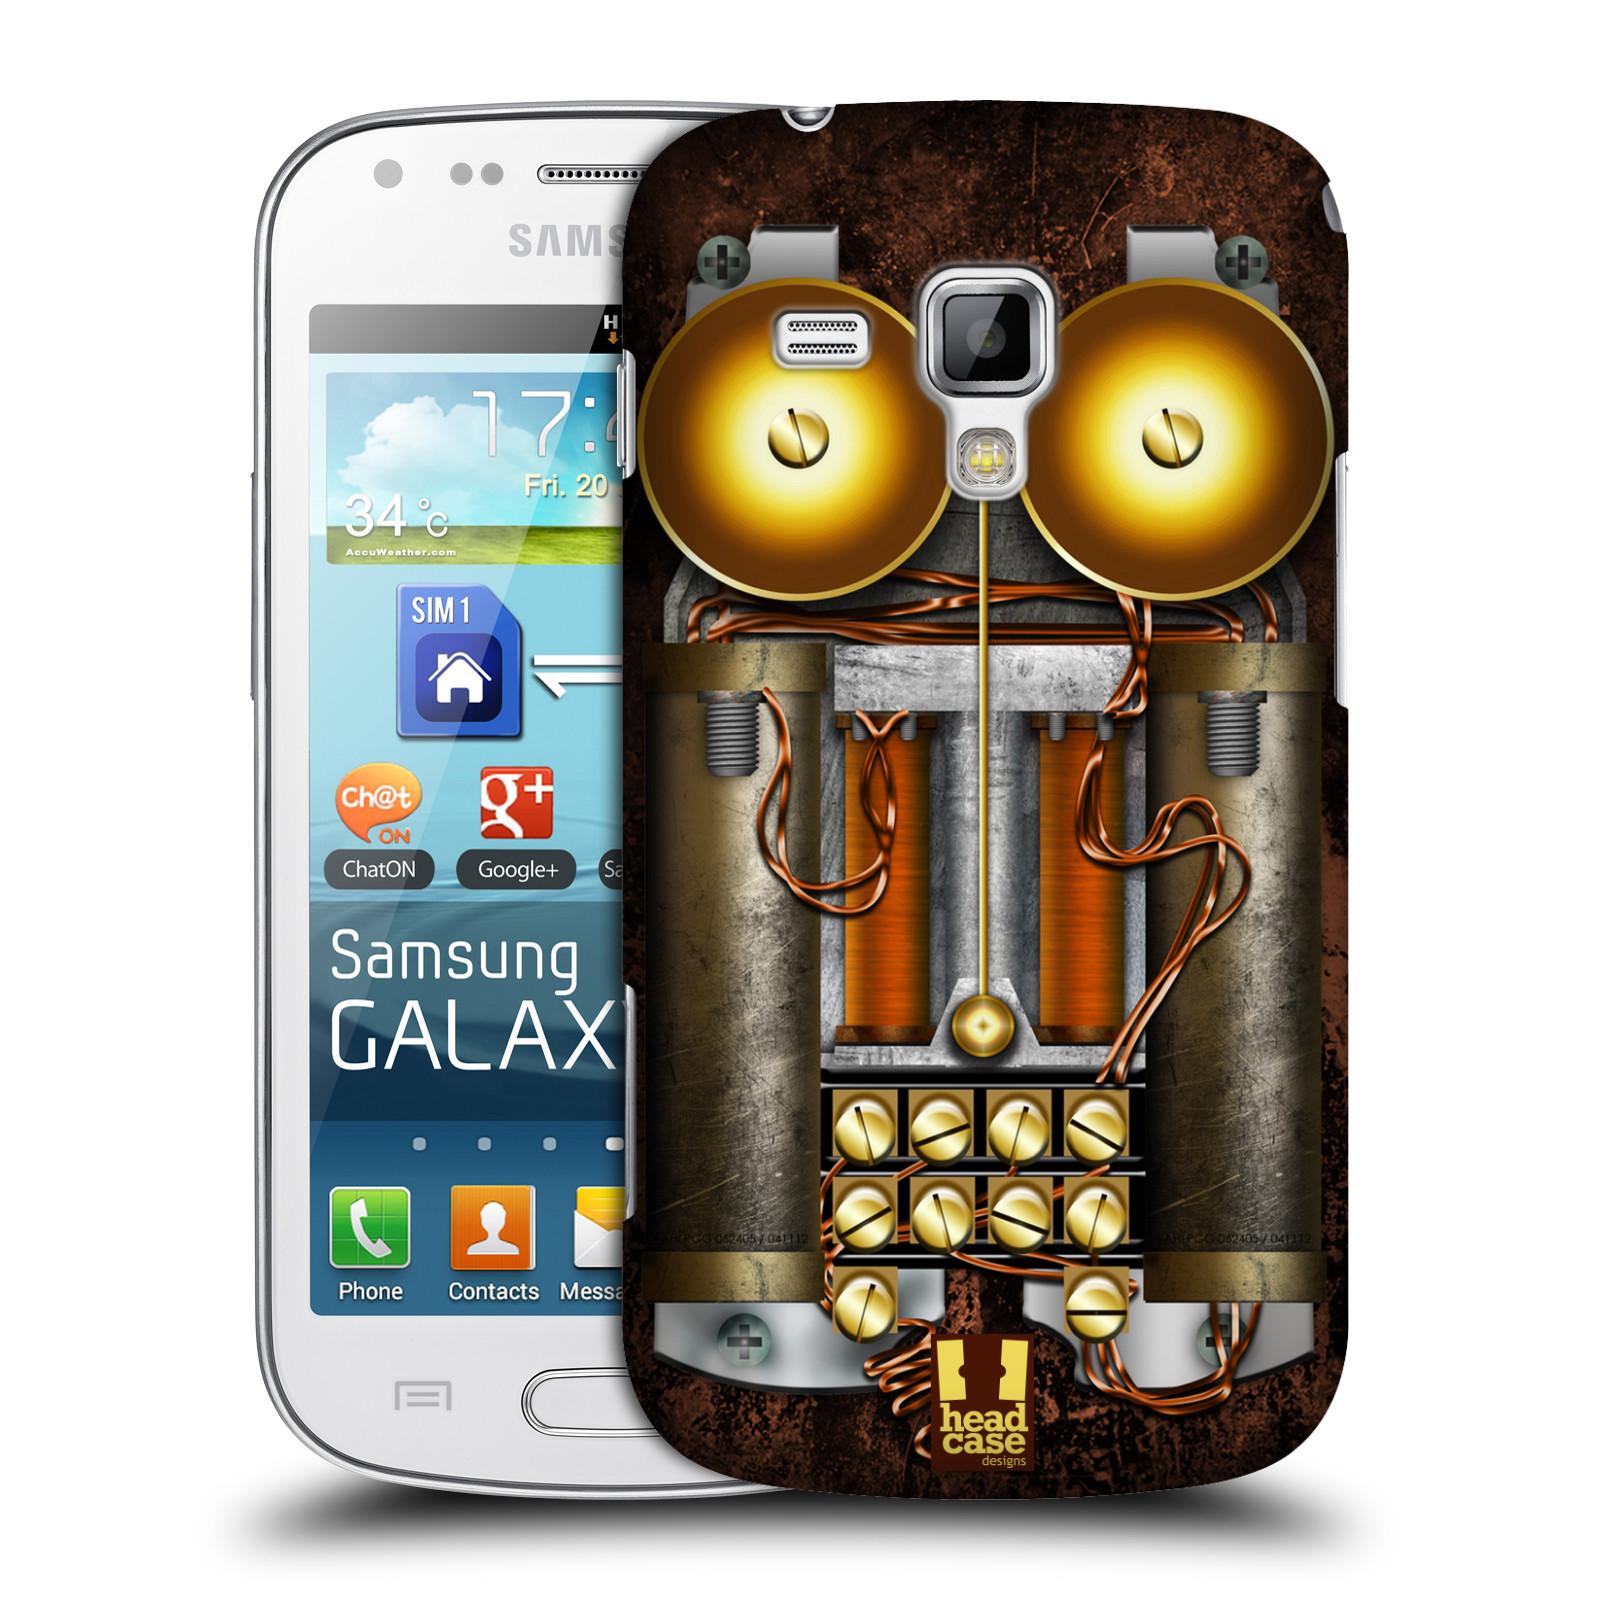 Plastové pouzdro na mobil Samsung Galaxy S Duos HEAD CASE STEAMPUNK TELEFON (Kryt či obal na mobilní telefon Samsung Galaxy S Duos GT-S7562)